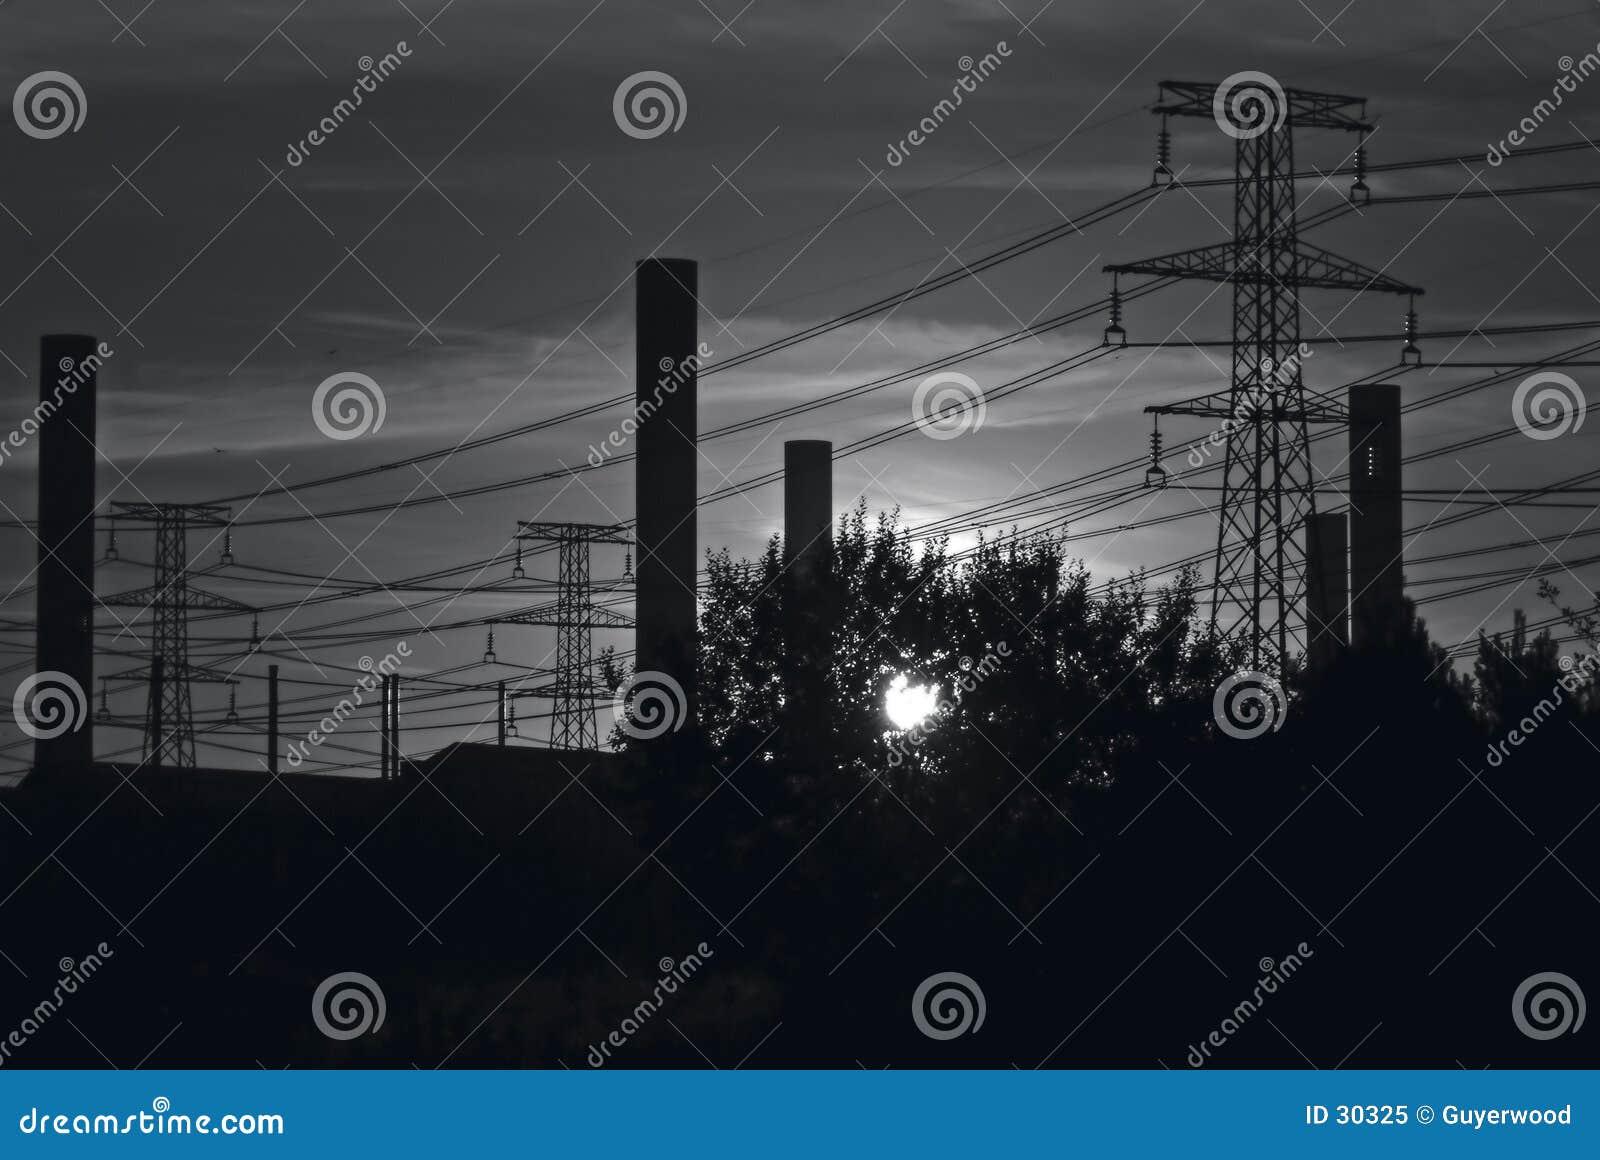 B przemysłowe w niebo